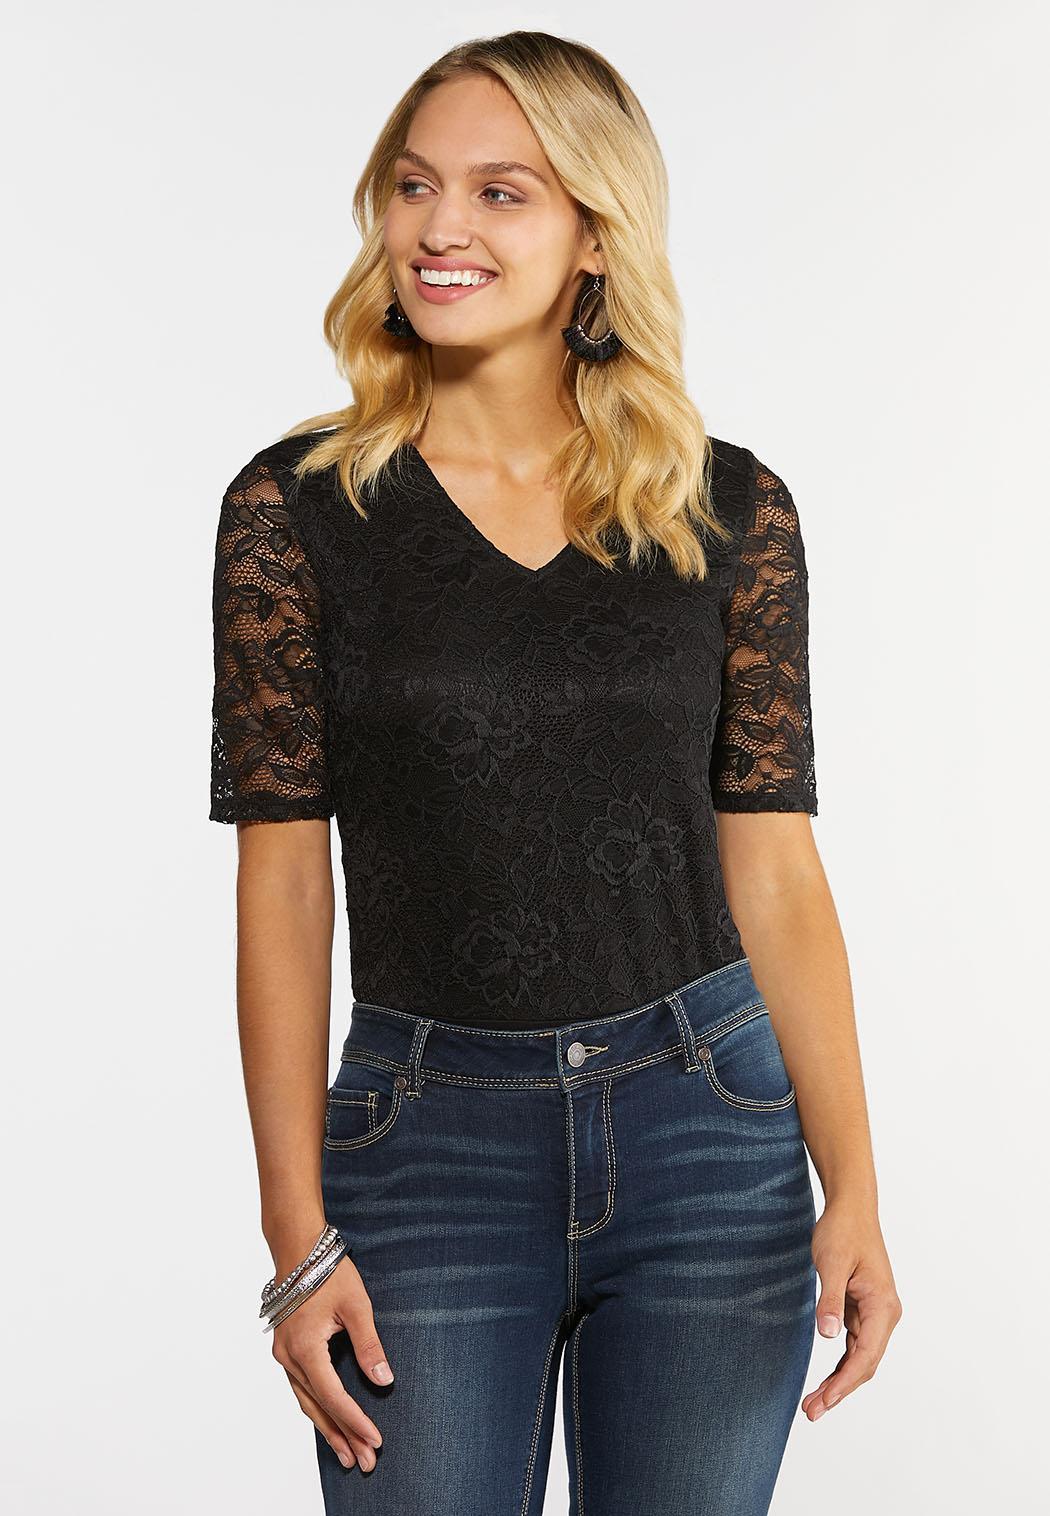 Plus Size Black Lace Bodysuit